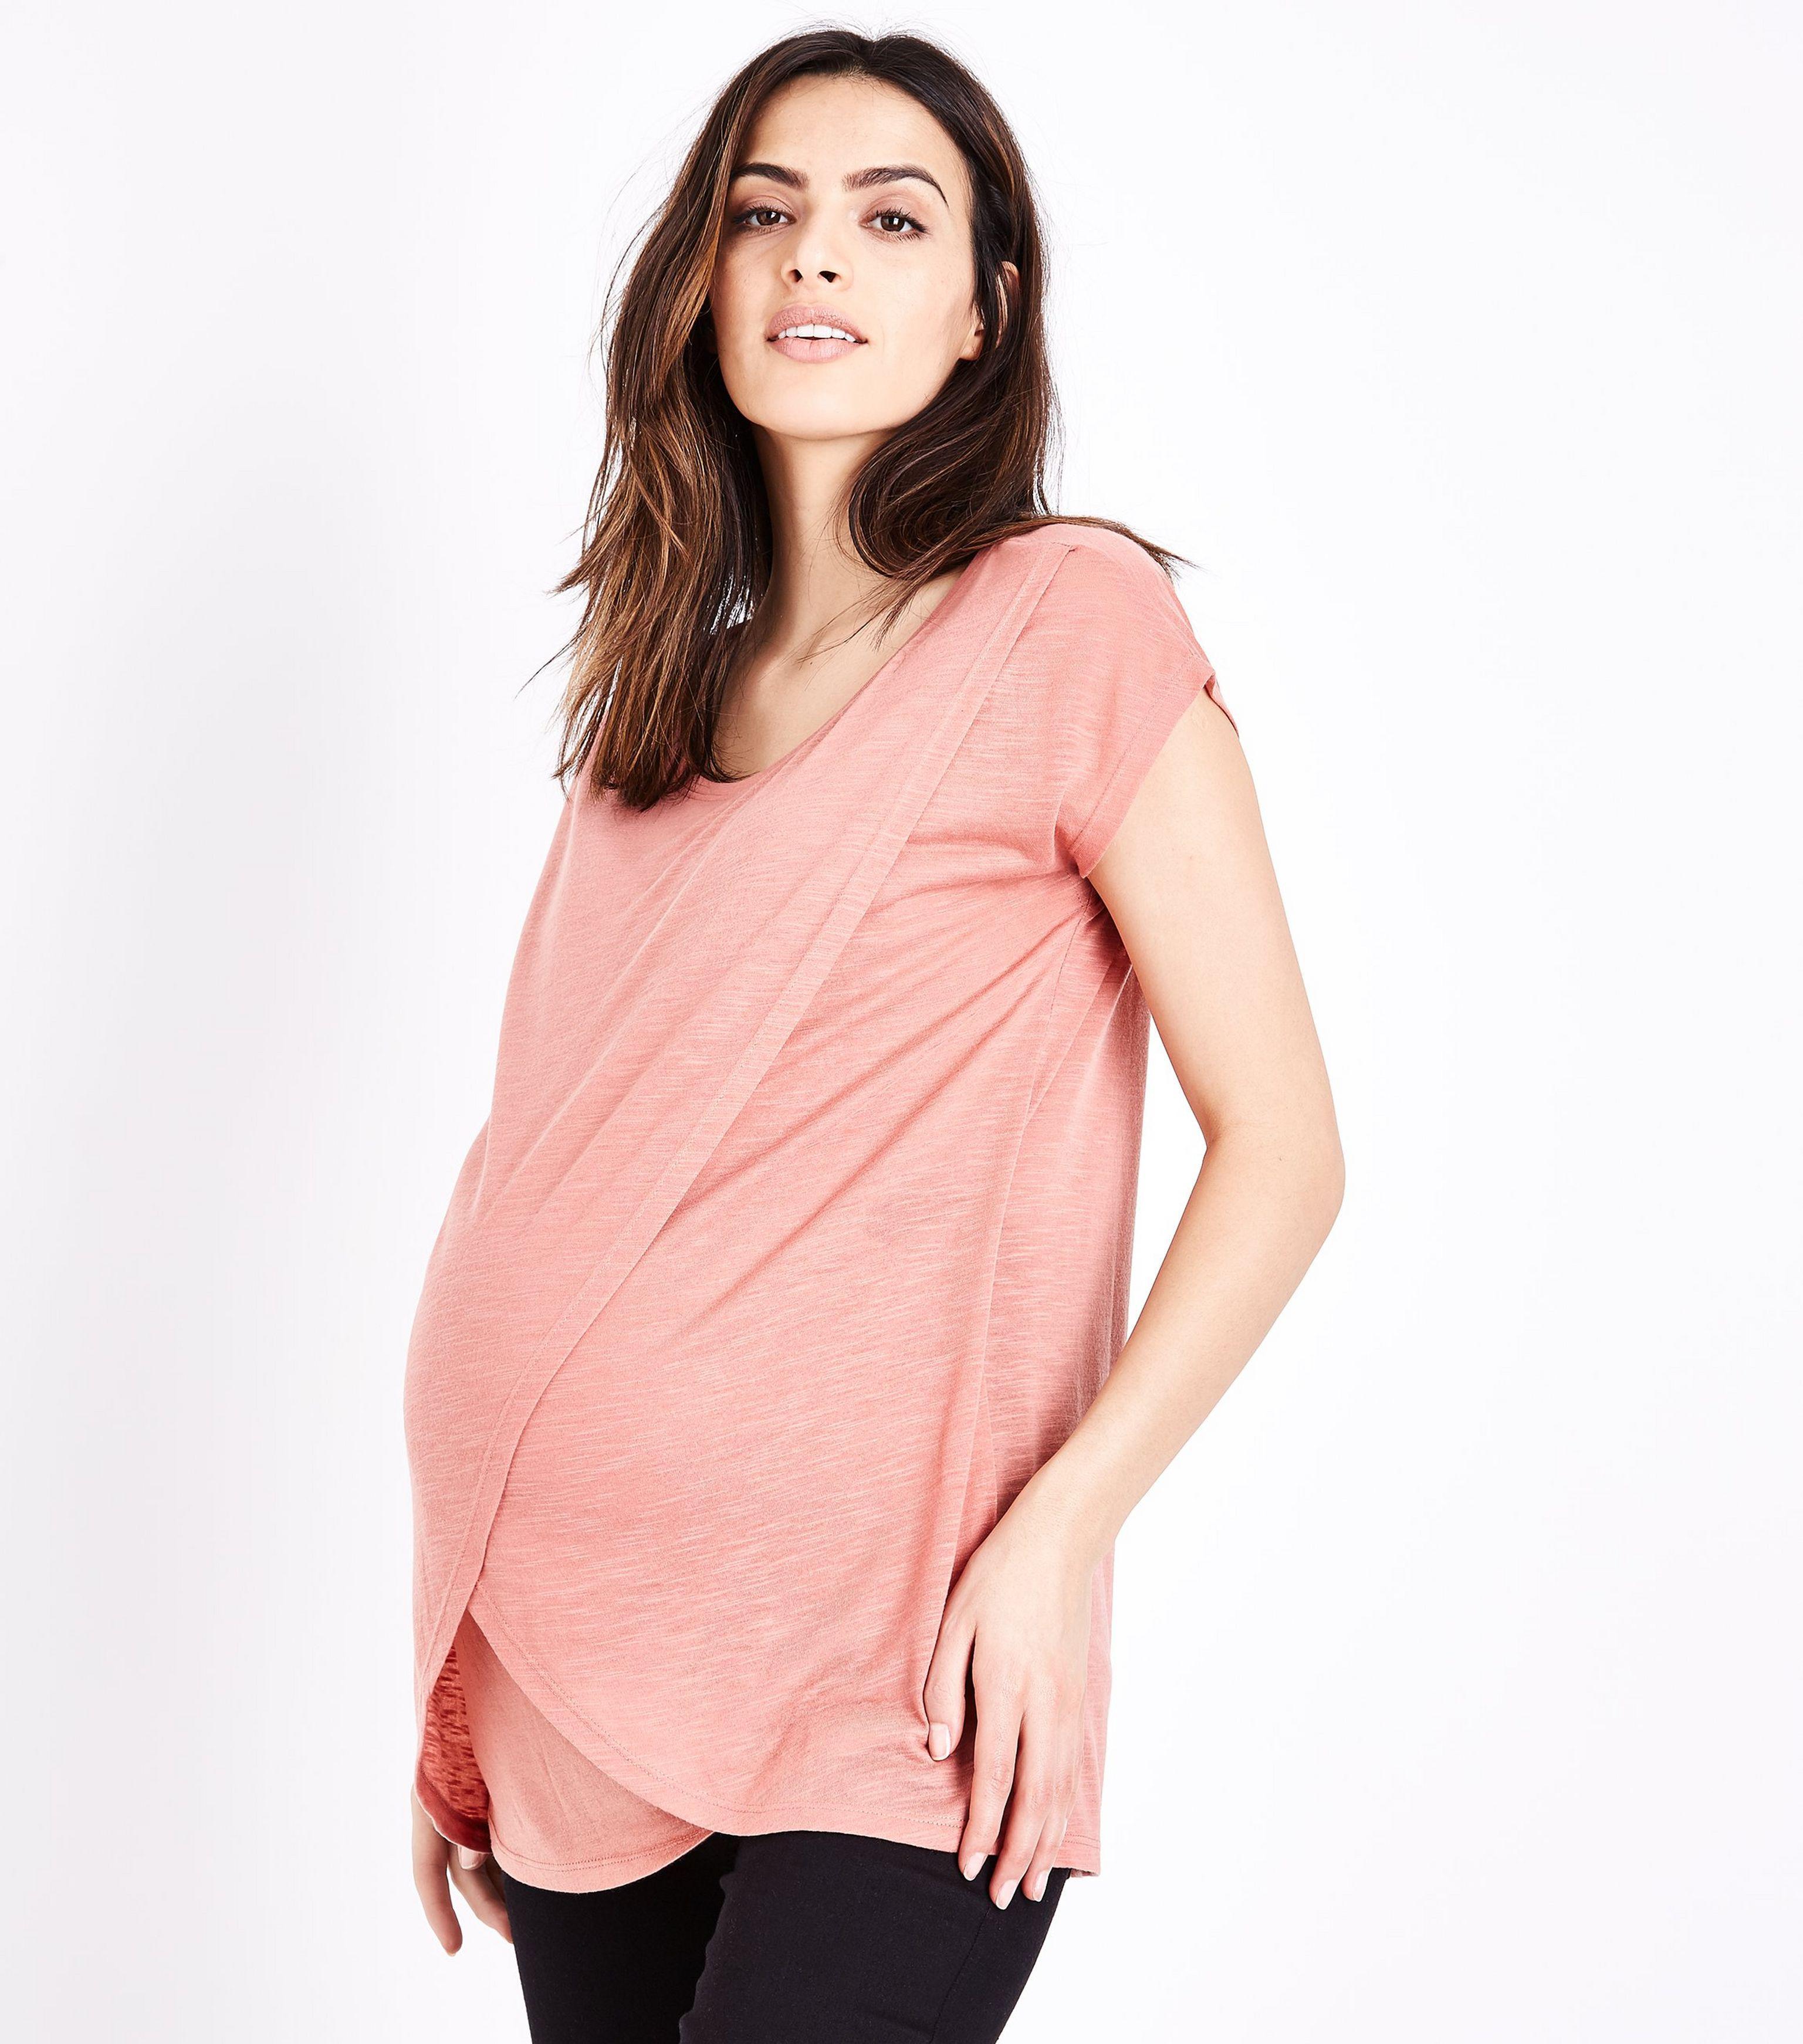 Women Wrap T-Shirt New Look 2018 Online AGN60xz